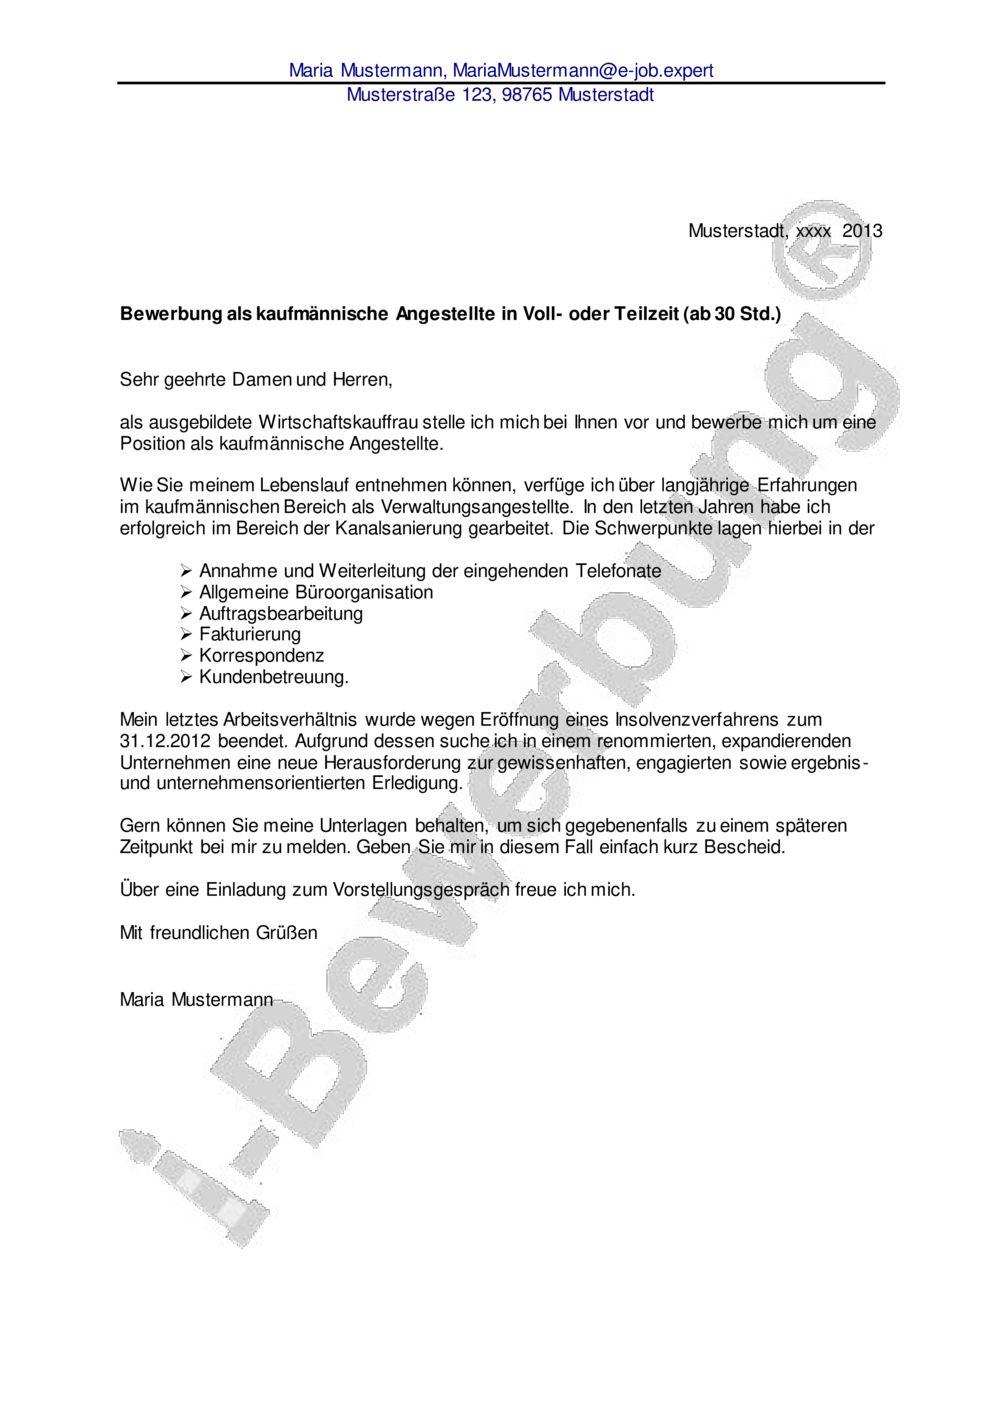 Initiativbewerbung Muster Kaufmannische Angestellte